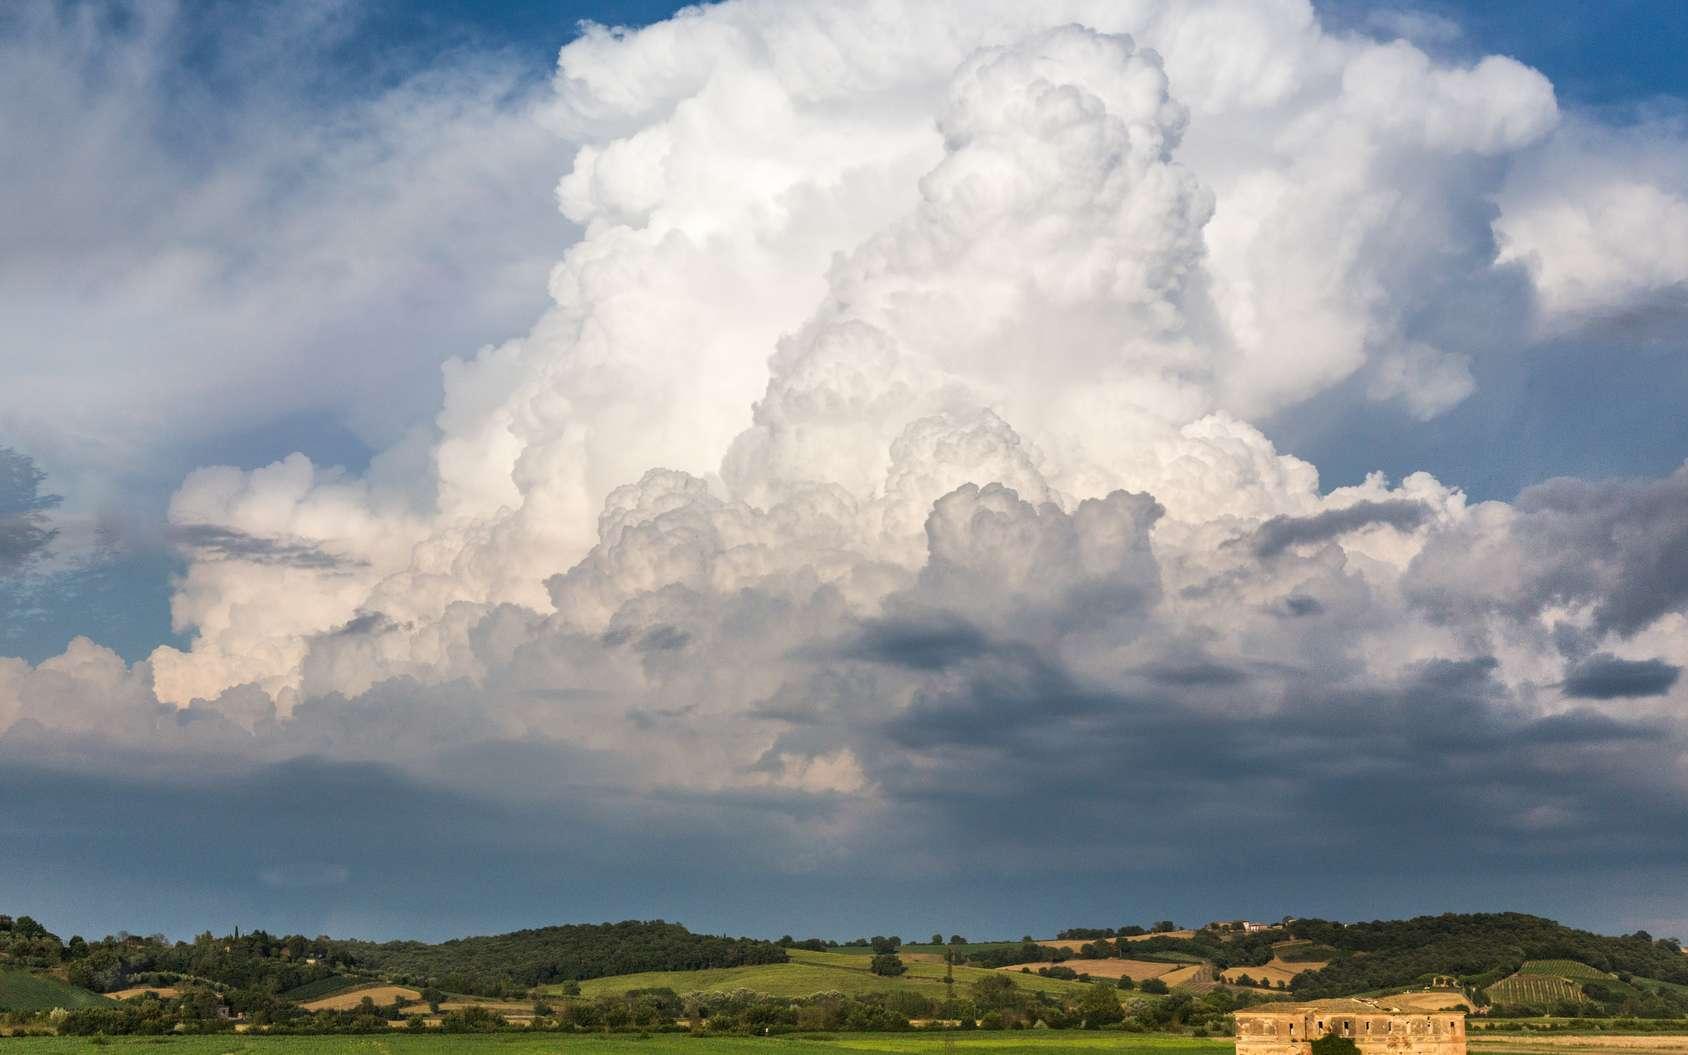 Les orages sont le résultat de mouvements de convection atmosphérique. En photo, un cumulonimbus. © Jayce, fotolia